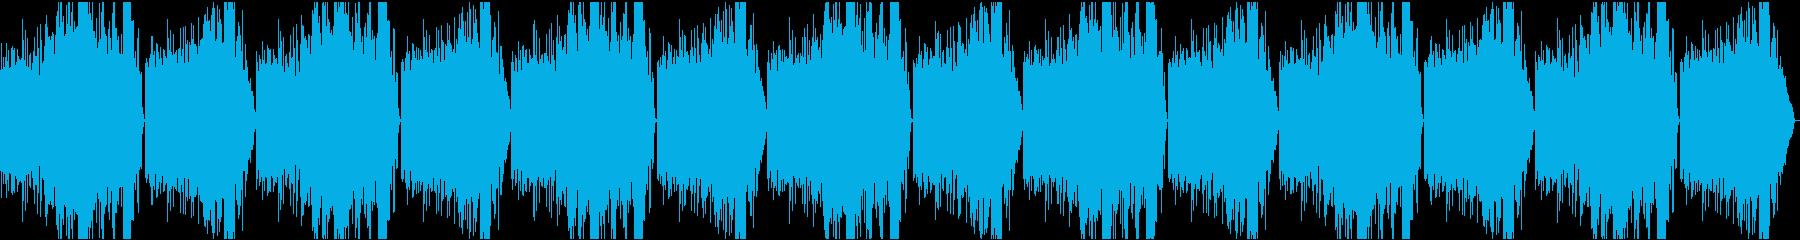 企業VP19 14分16bit48kHzの再生済みの波形